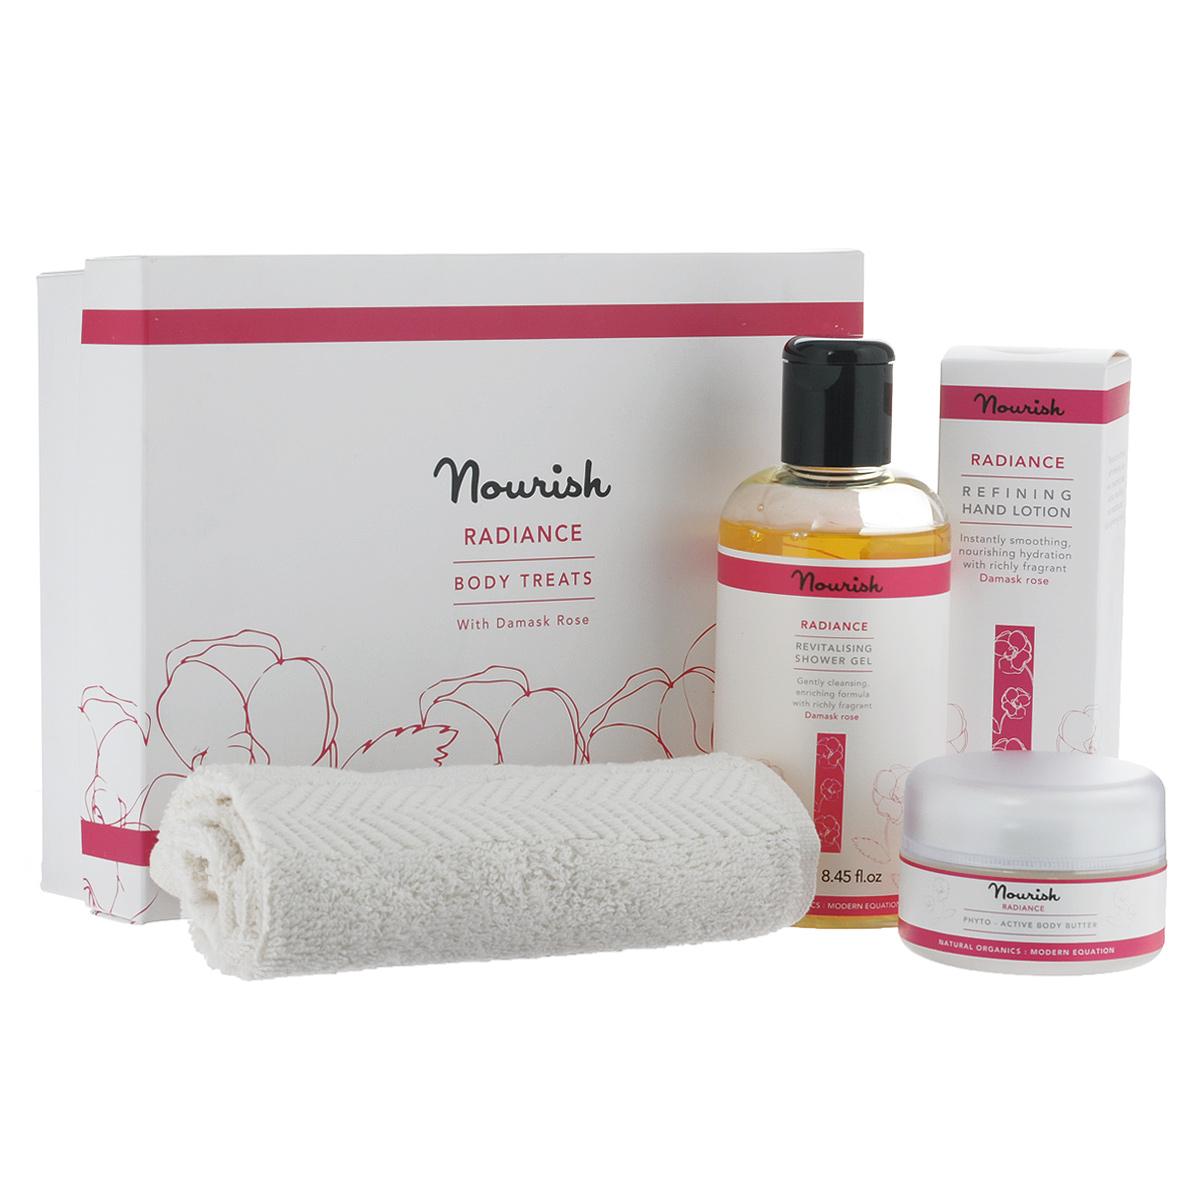 """Nourish Подарочный набор для ухода за телом """"Radiance"""": гель для душа, крем-масло для тела, увлажняющее, лосьон для рук, полотенце"""